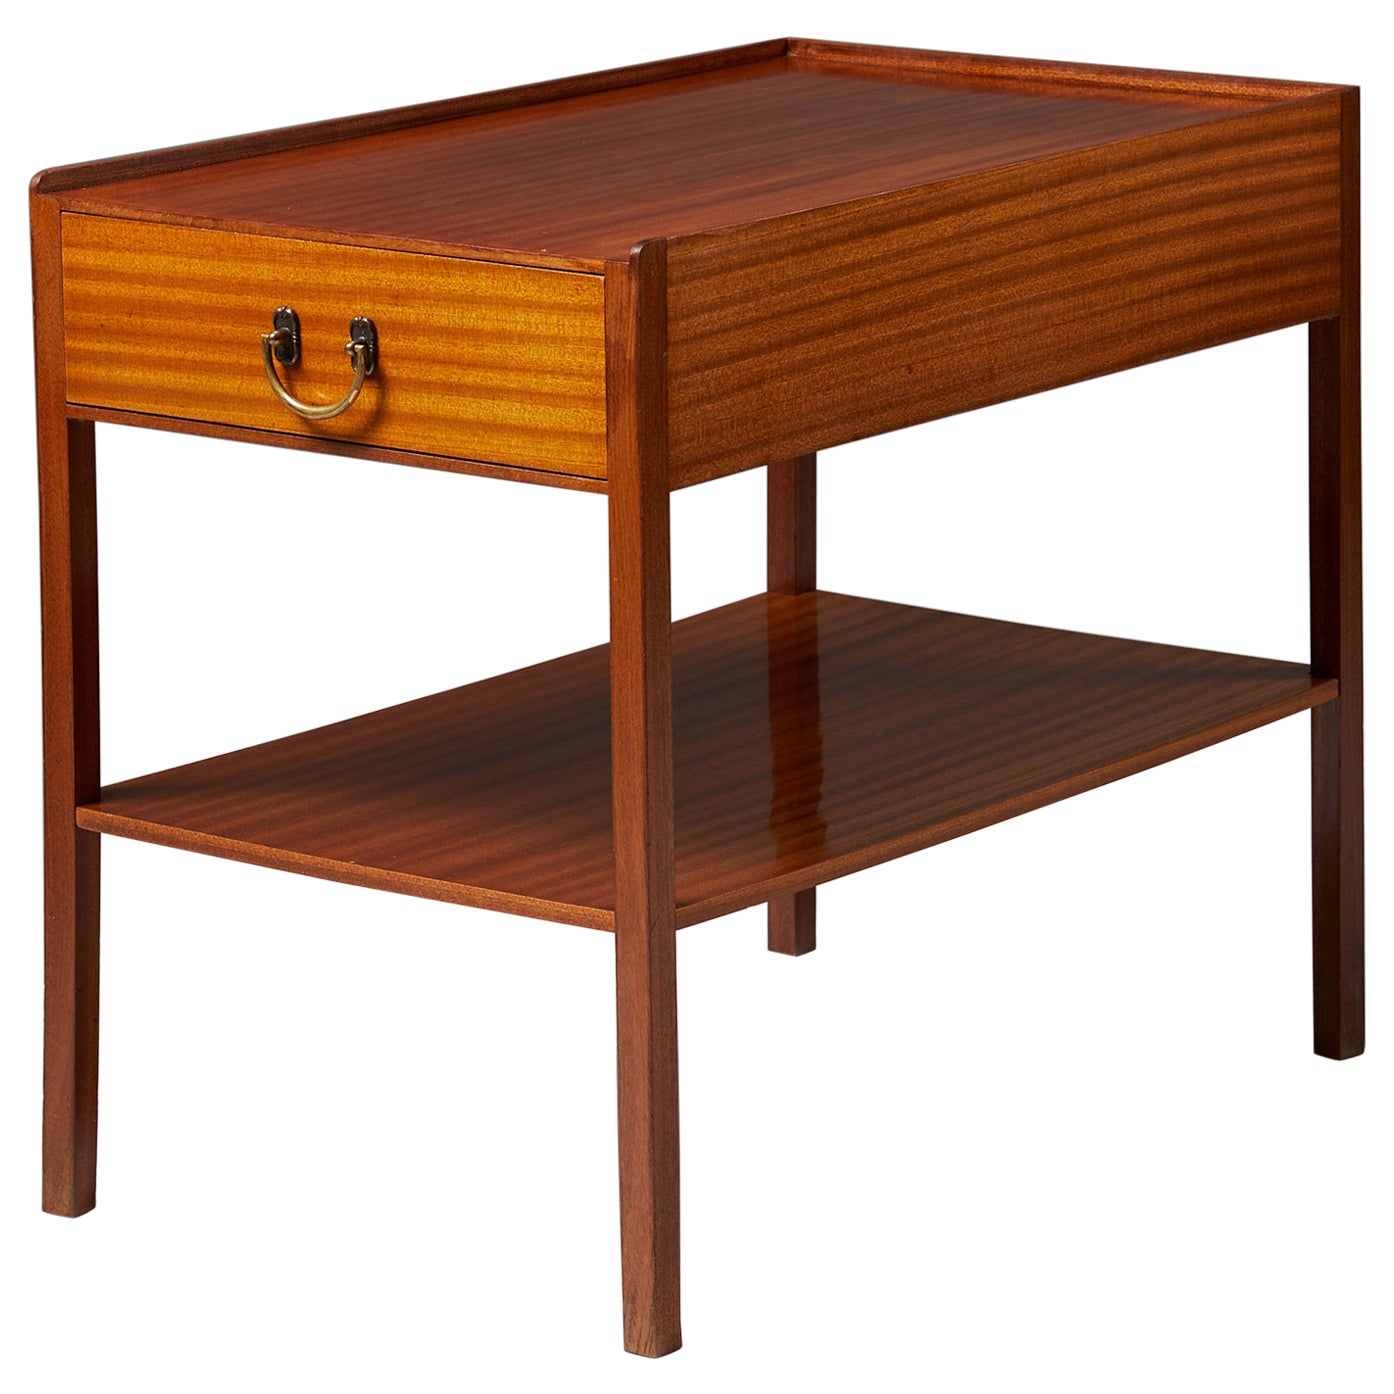 Bedside Table Model 914 Designed by Josef Frank for Svenskt Tenn, Sweden, 1950s